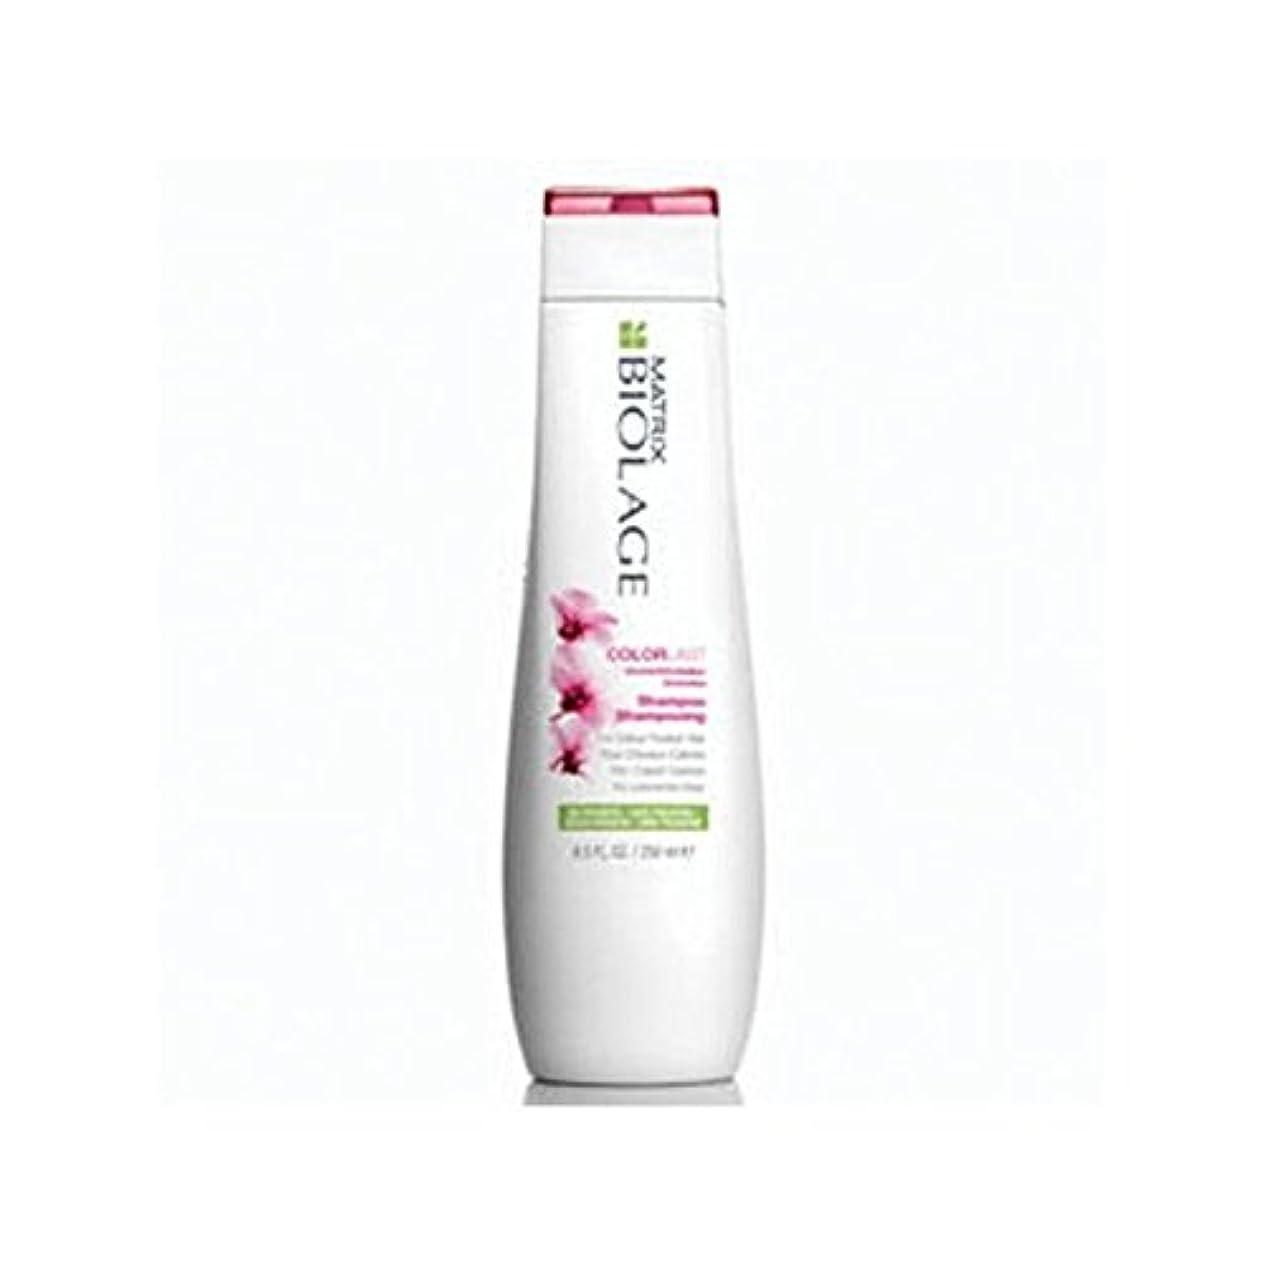 ゲージ魅力的であることへのアピールクリームMatrix Biolage Colorlast Shampoo (250ml) (Pack of 6) - マトリックスバイオレイジのシャンプー(250ミリリットル) x6 [並行輸入品]